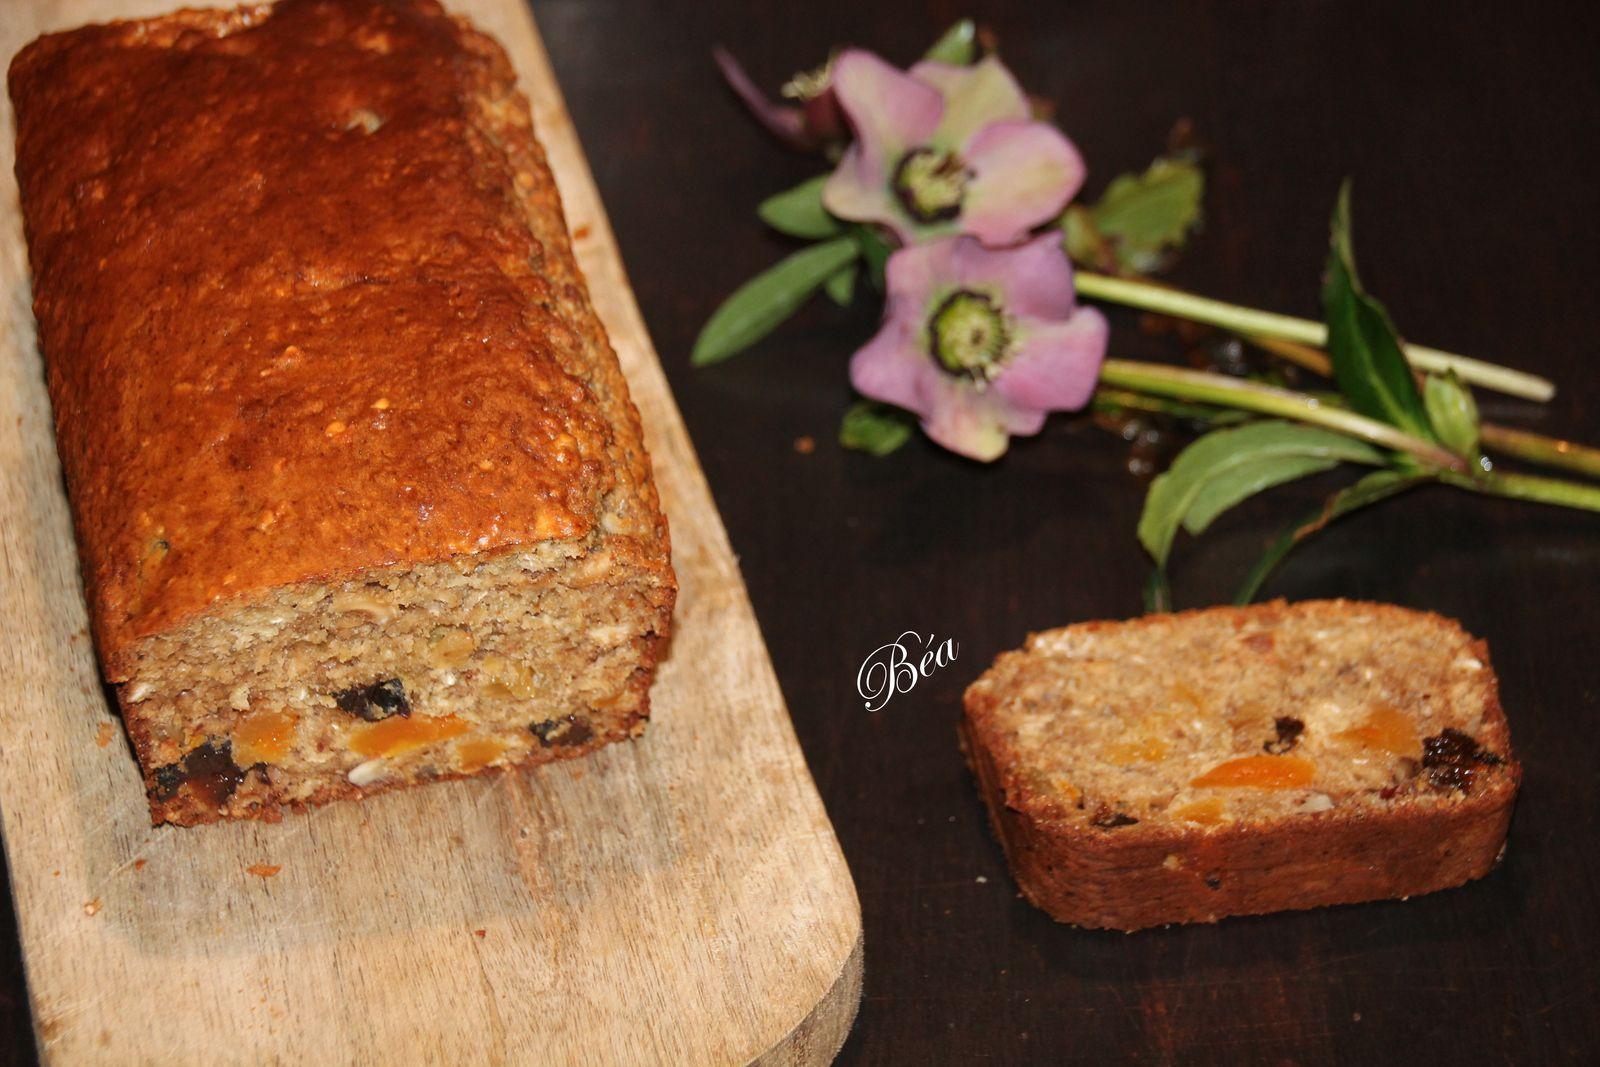 Cake santé aux flocons d'avoine et fruits secs